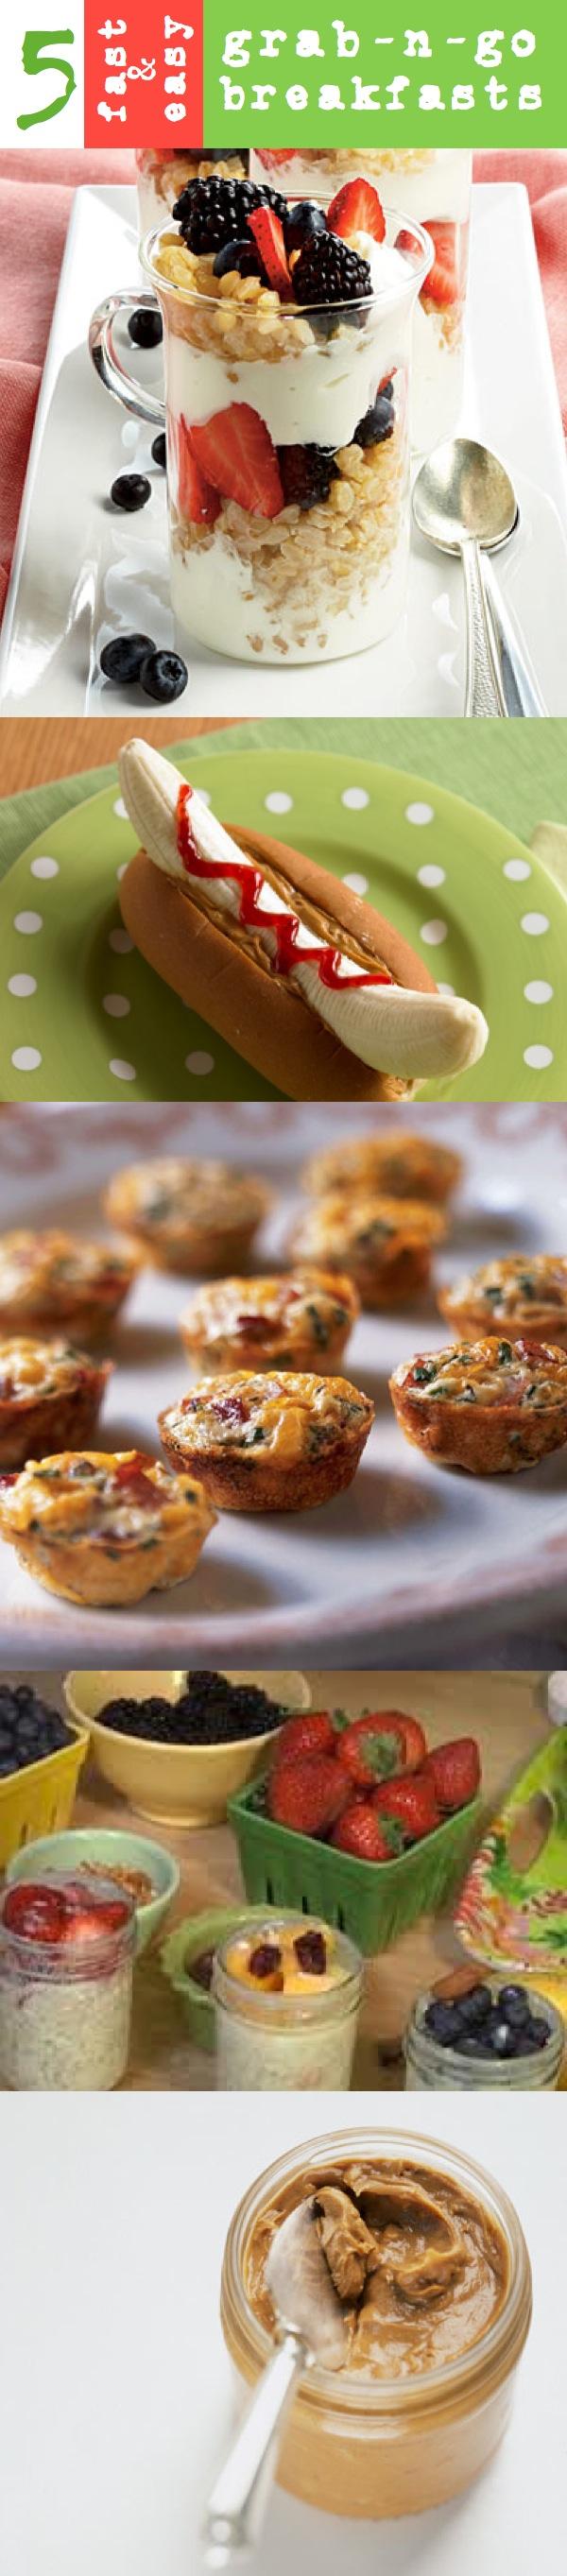 Don't skip breakfast!! 5 Easy Grab-n-Go Breakfast Ideas www.thesweatshed.com